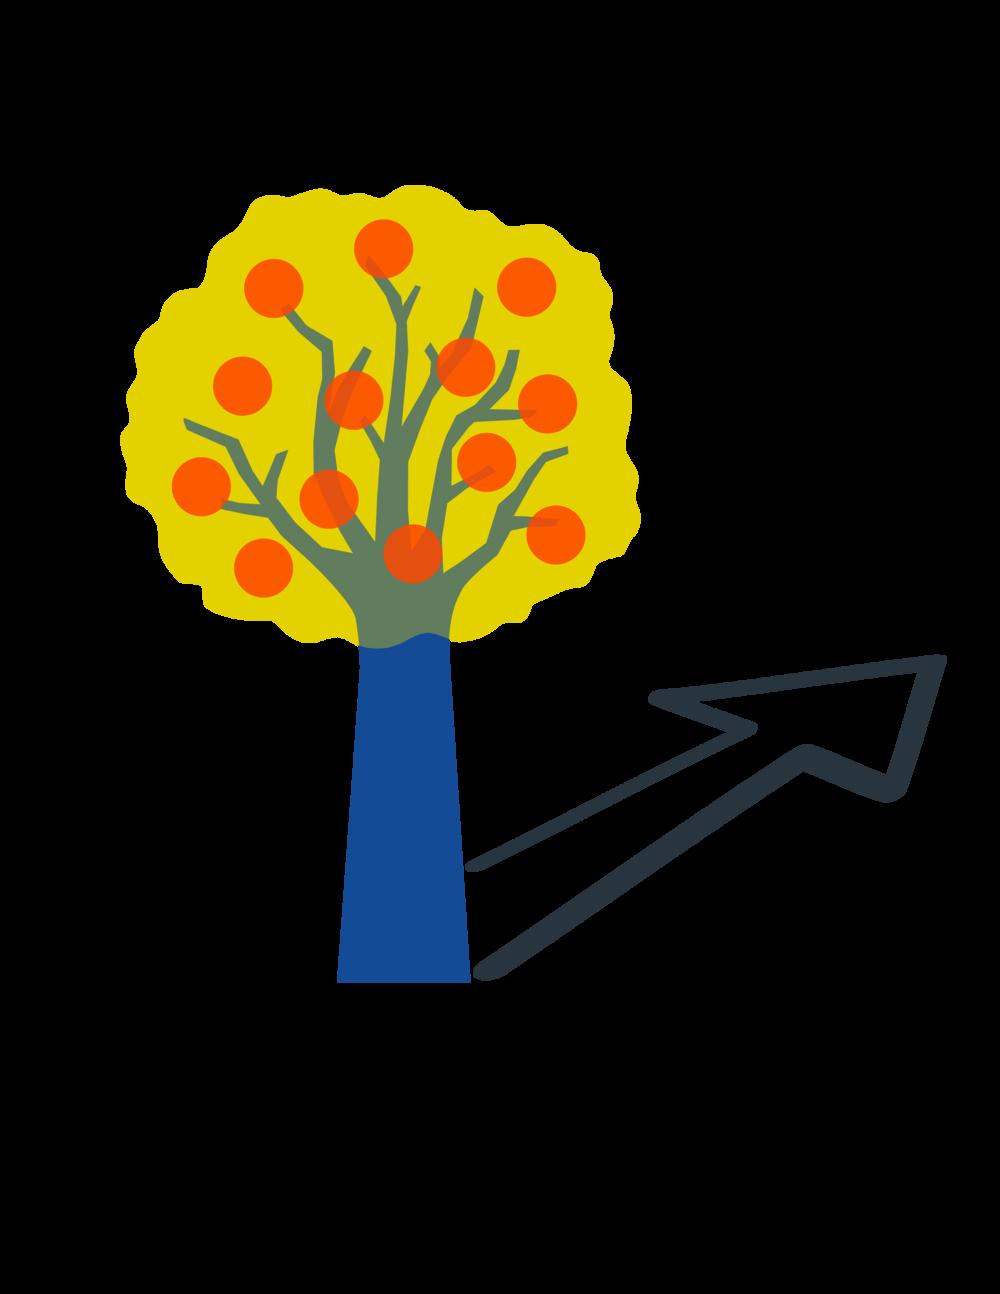 mobilization_logo.png